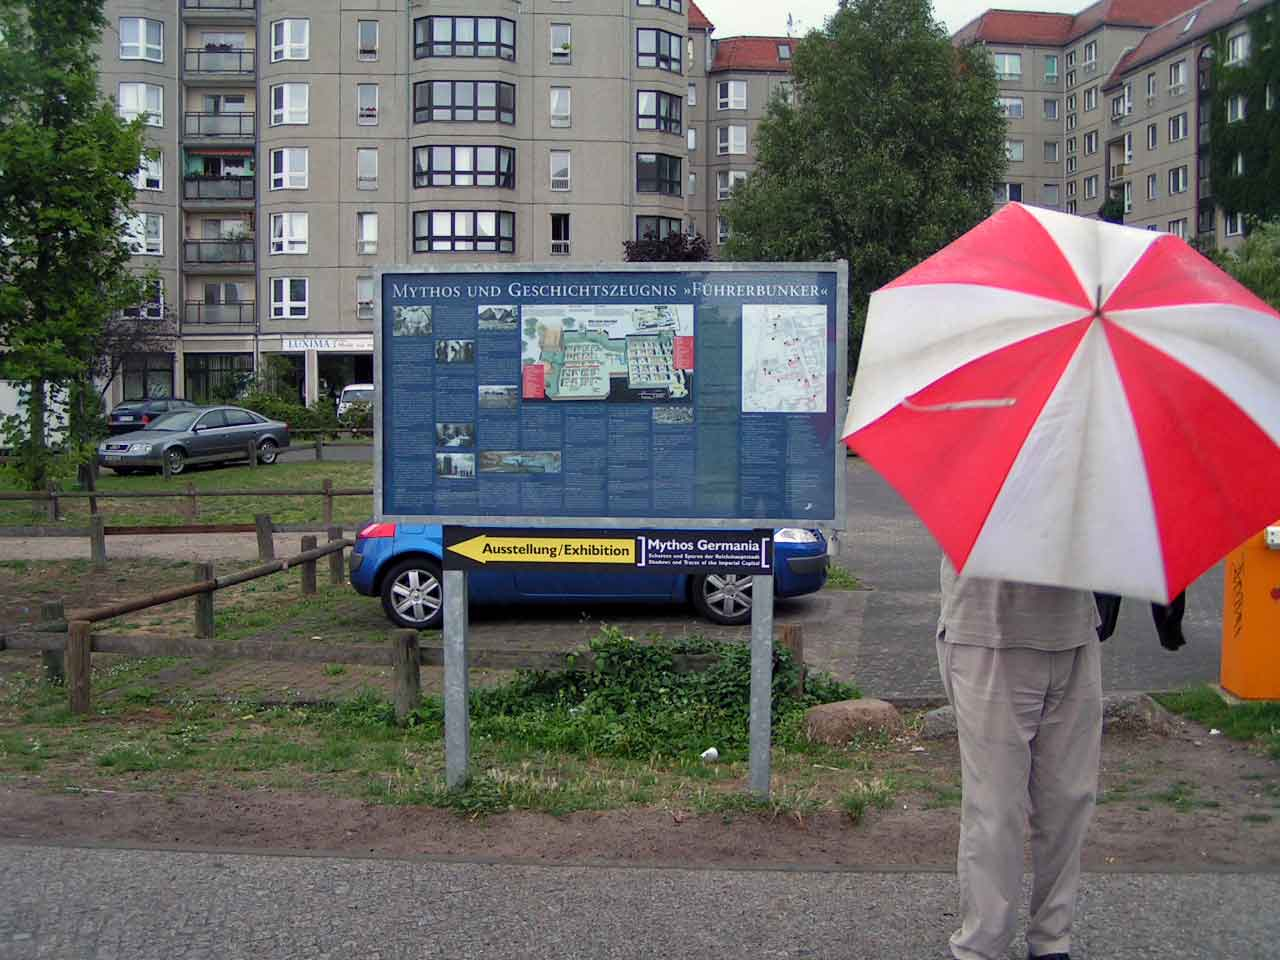 Mindesmærket ligger tæt på det område, hvor Hitlers førerbunker lå